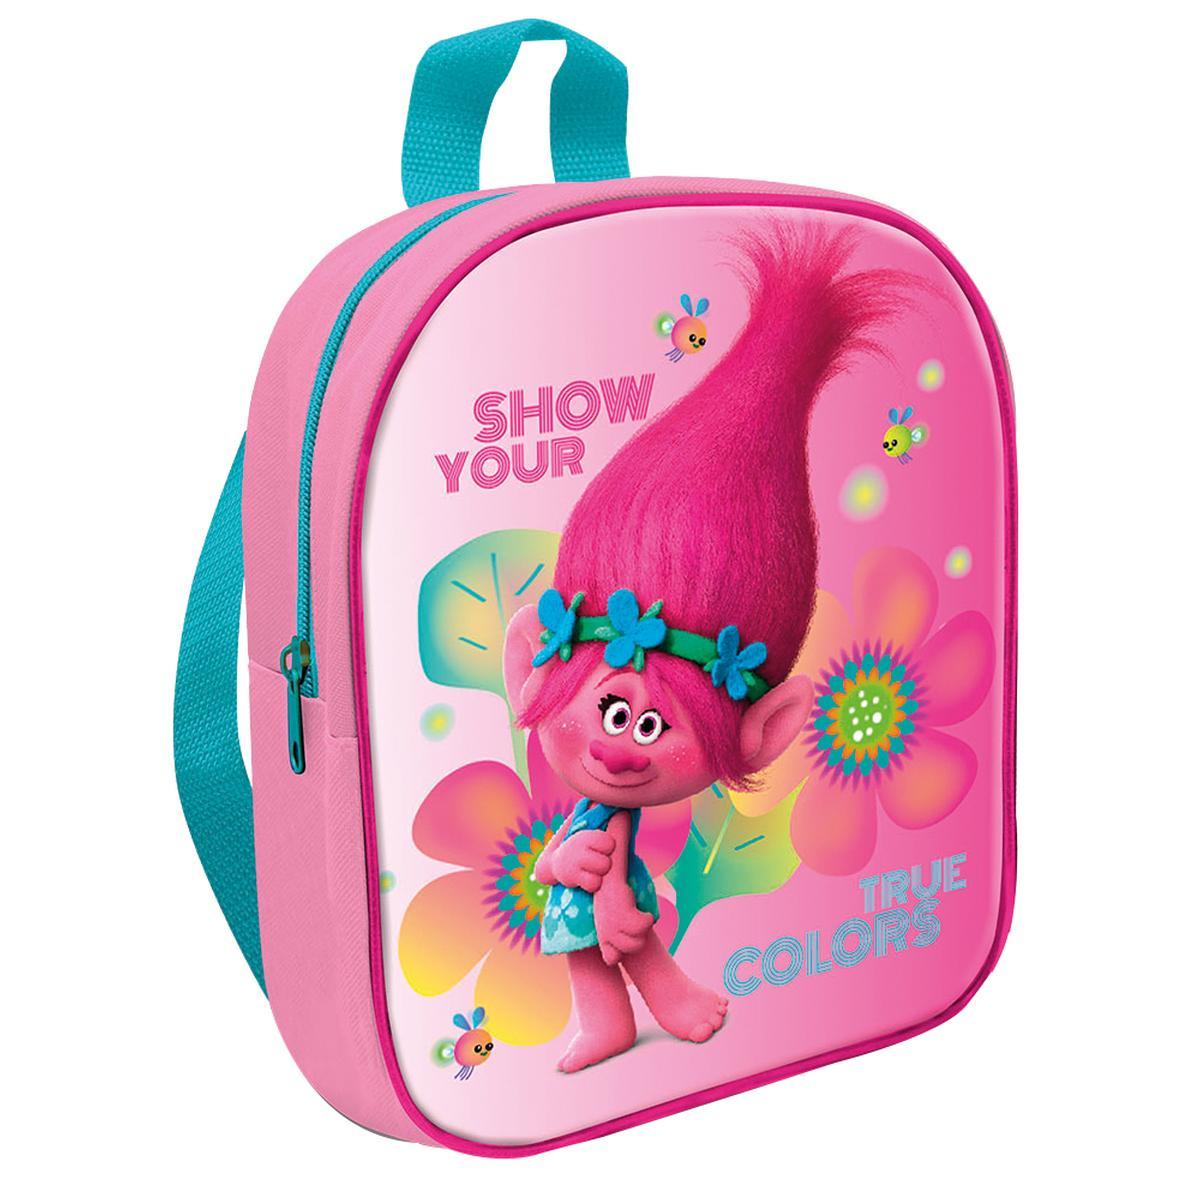 Mochila Infantil 2 Anos em Promoção nas Lojas